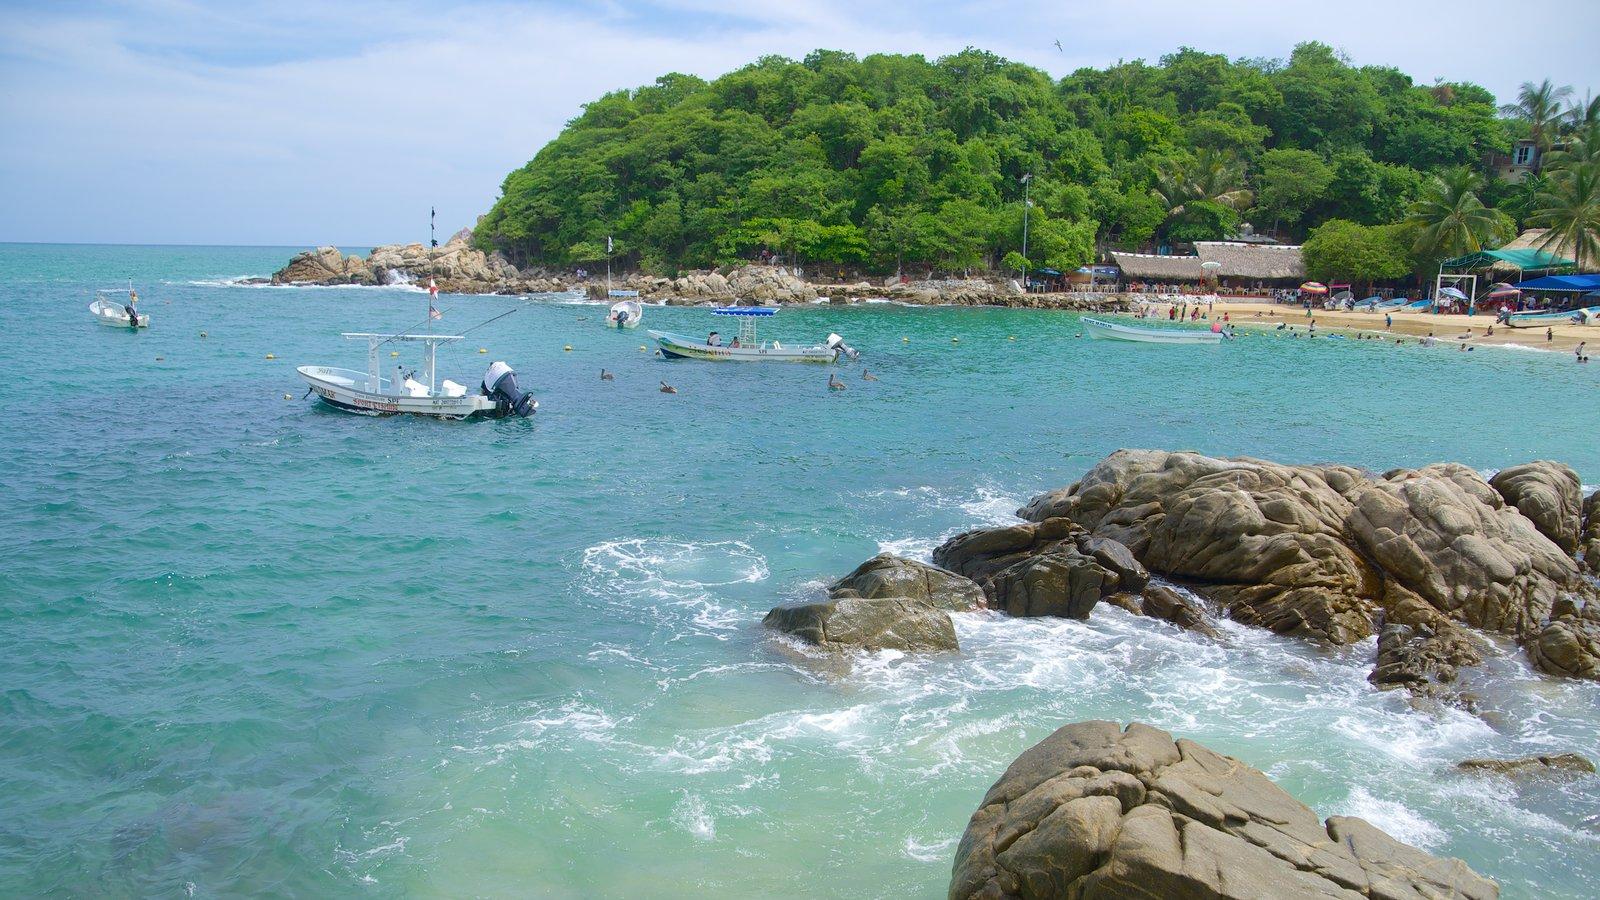 Playa Puerto Angelito que incluye natación, escenas tropicales y costa escarpada